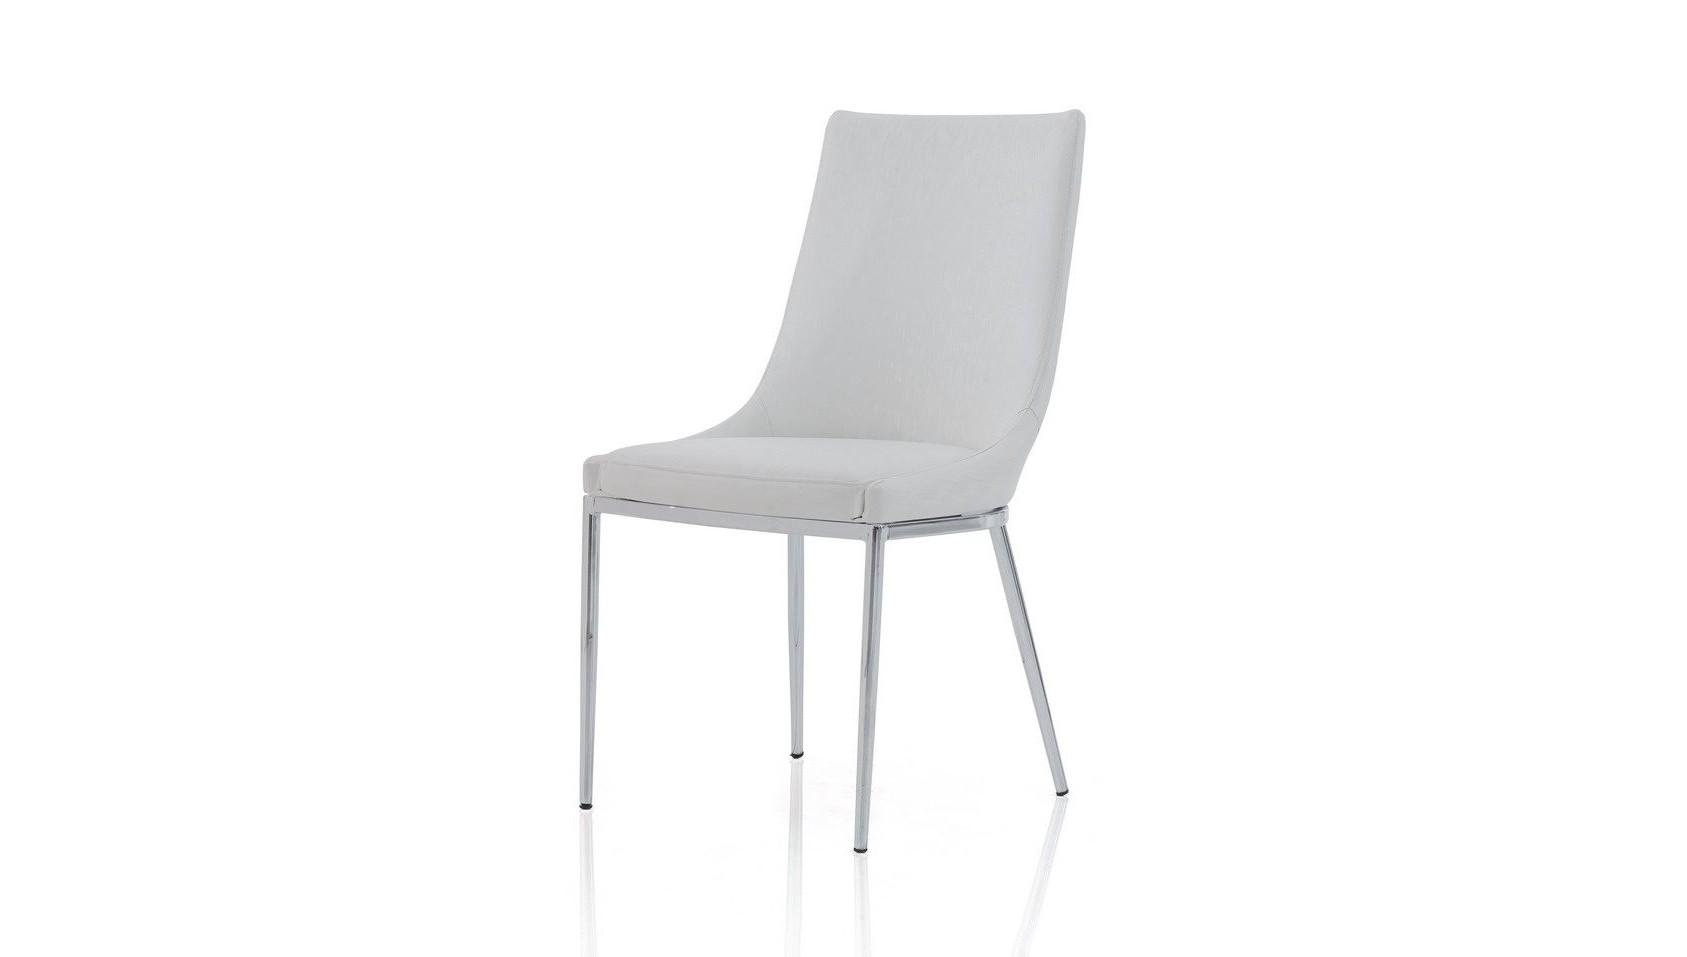 Стул Y-217 белыйОбеденные стулья<br><br><br>Material: Кожа<br>Ширина см: 55<br>Высота см: 86<br>Глубина см: 47